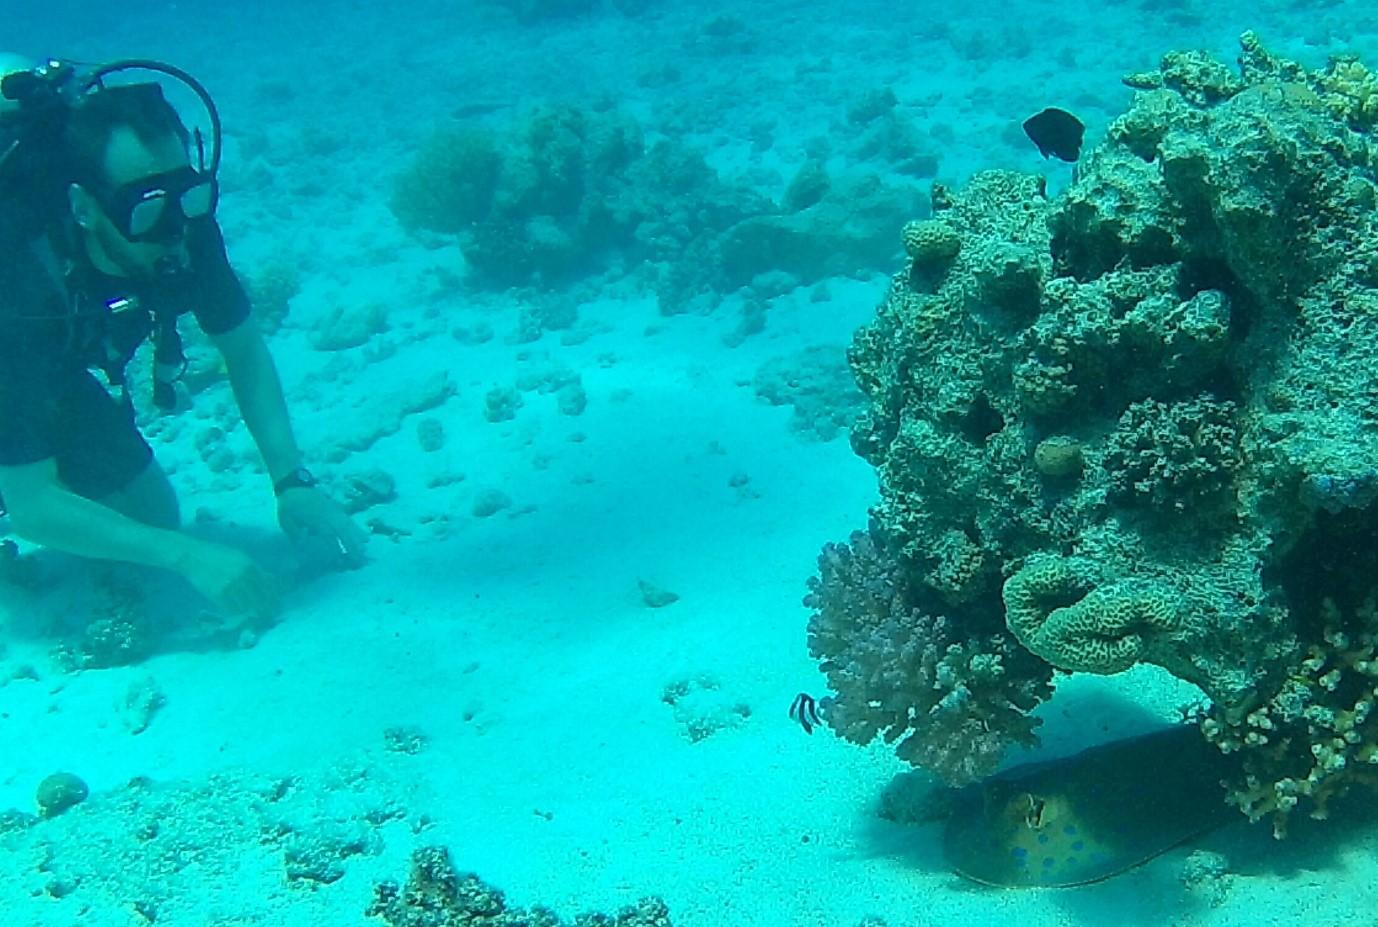 Punaisenmeren koralleille pääsee sukeltamaan hyvinkin edullisesti, varsinkin jos hallitsee tinkimisen jalon taidon